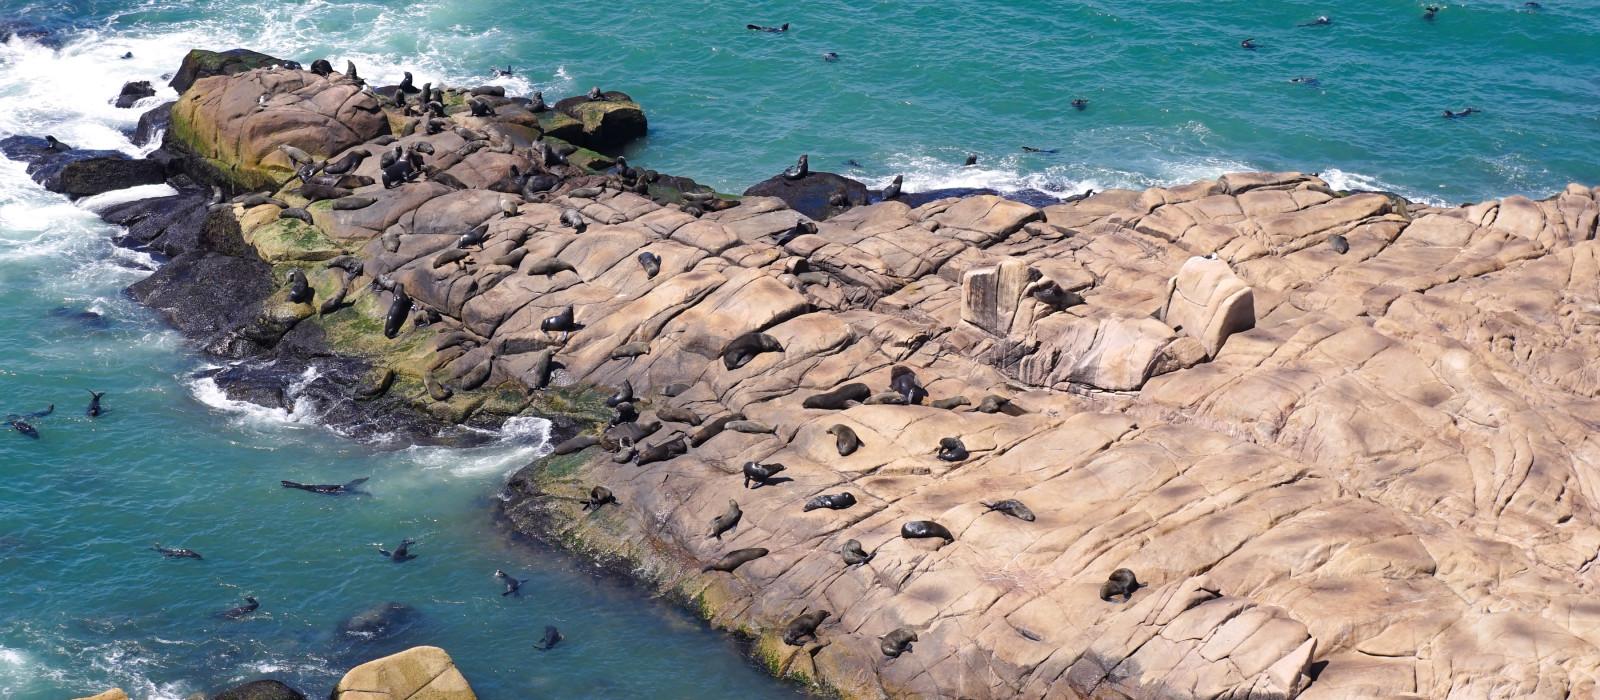 Seelöwenkolonie am felsigen Ufer in Cabo Polonio, Uruguay